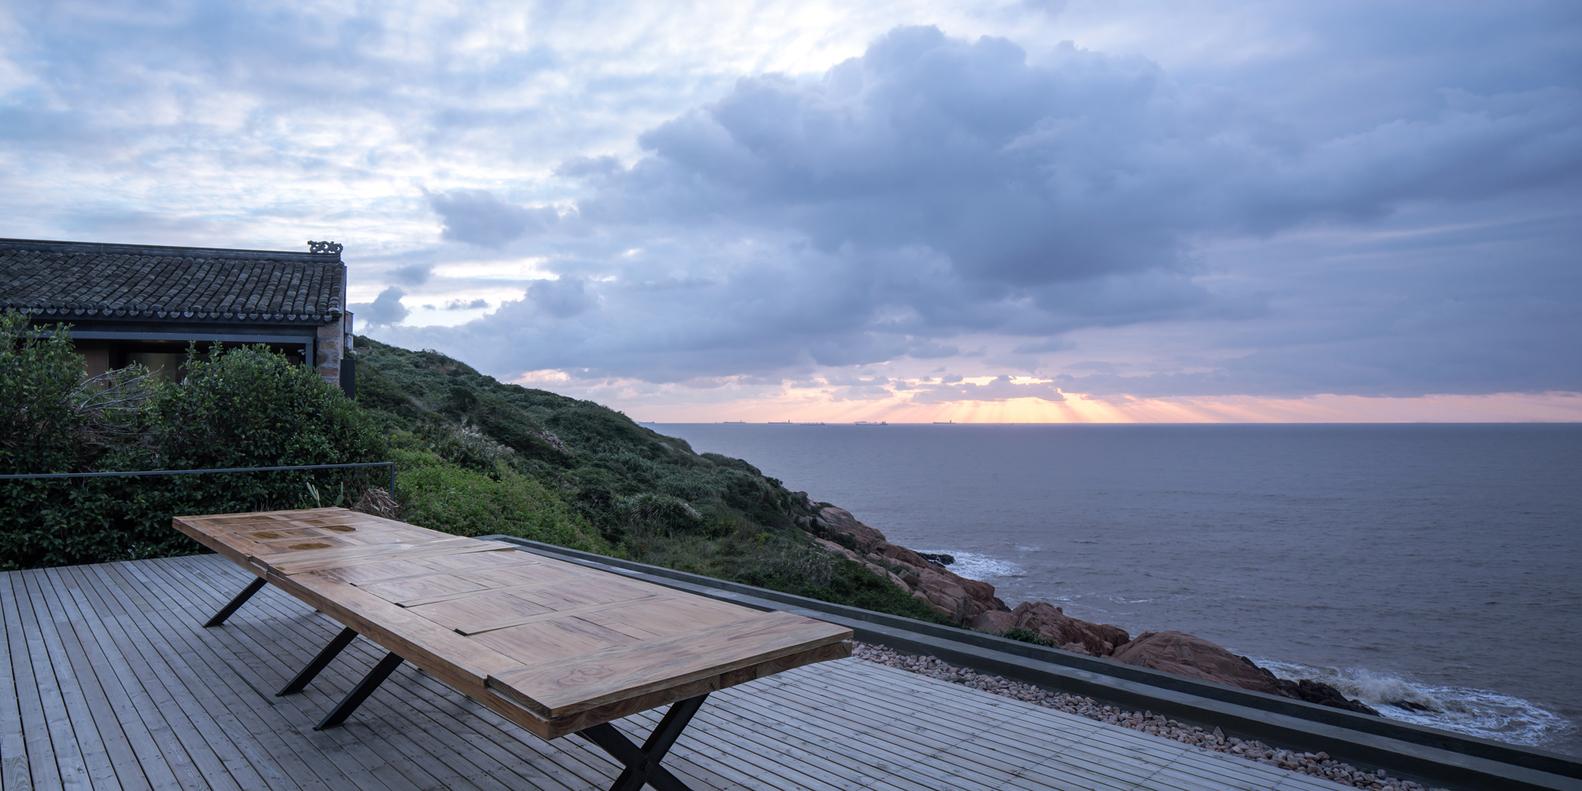 20屋顶平台上的日出-章勇